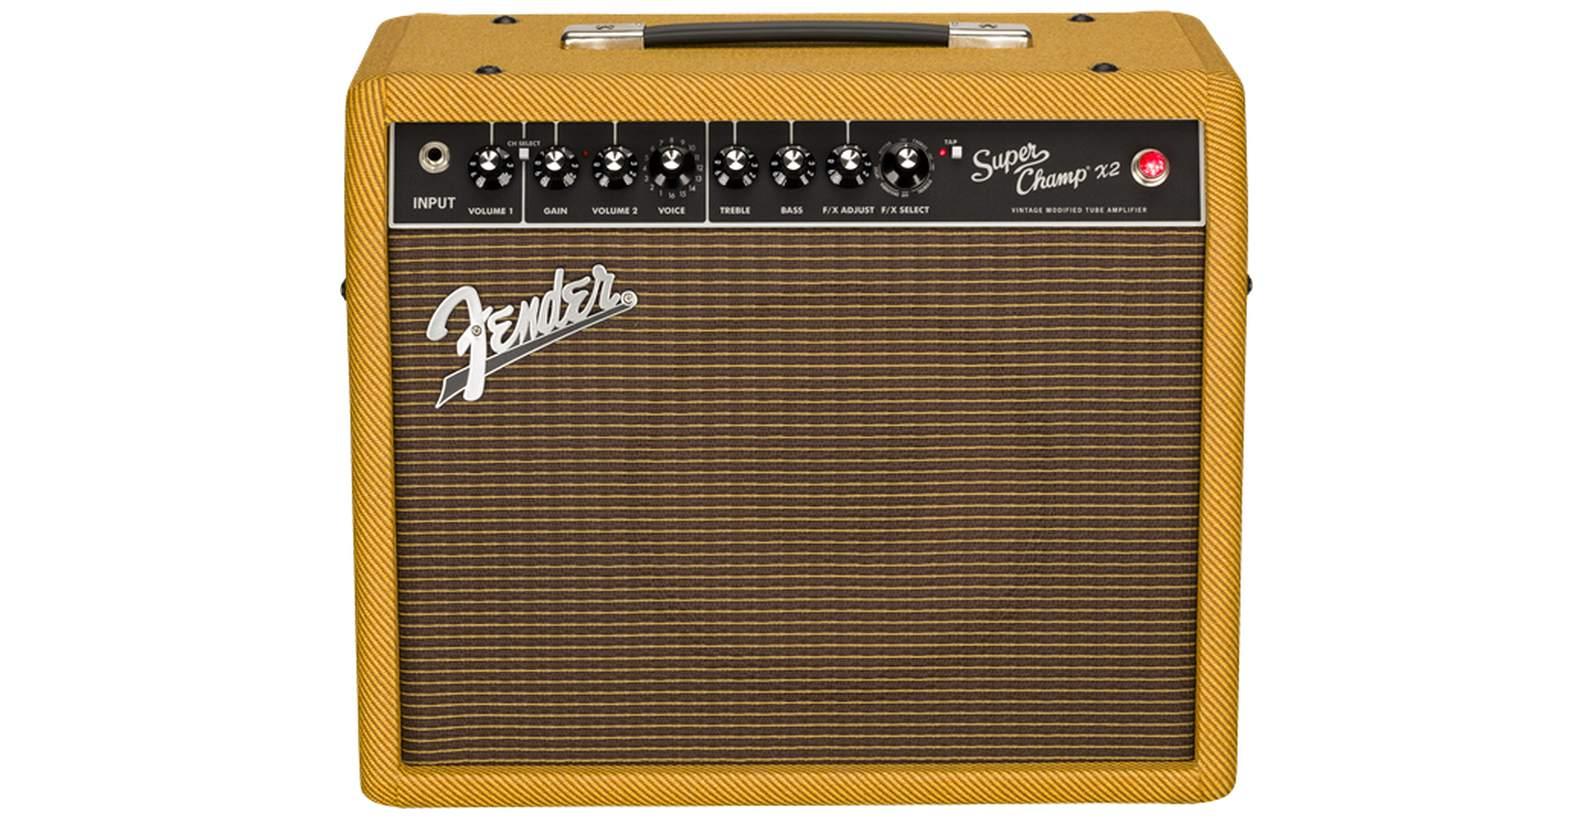 Fender Super Champ X2 LTD Cajun Combo tweed